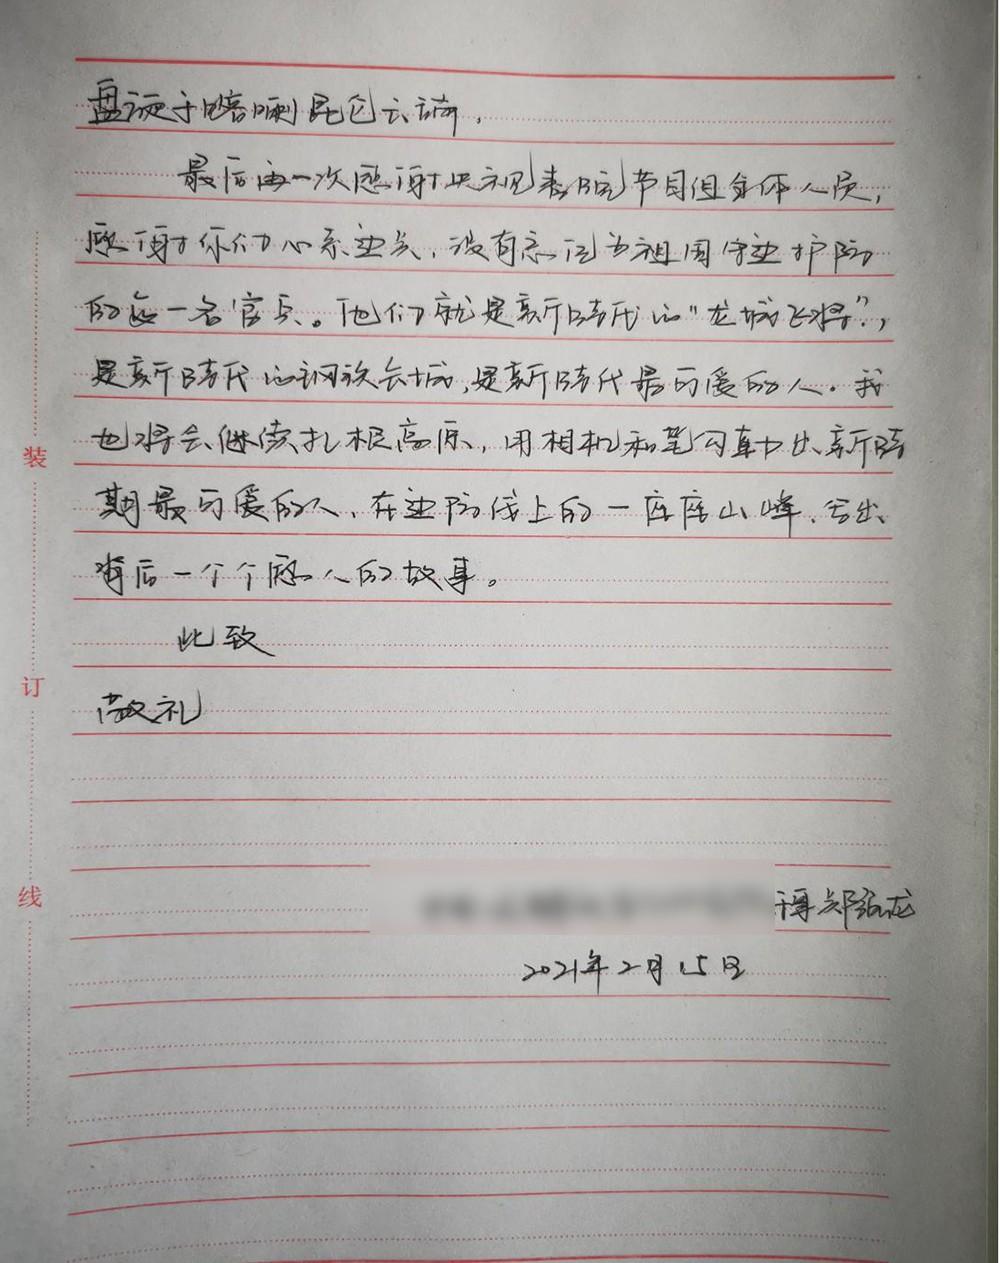 郑强龙4.jpg